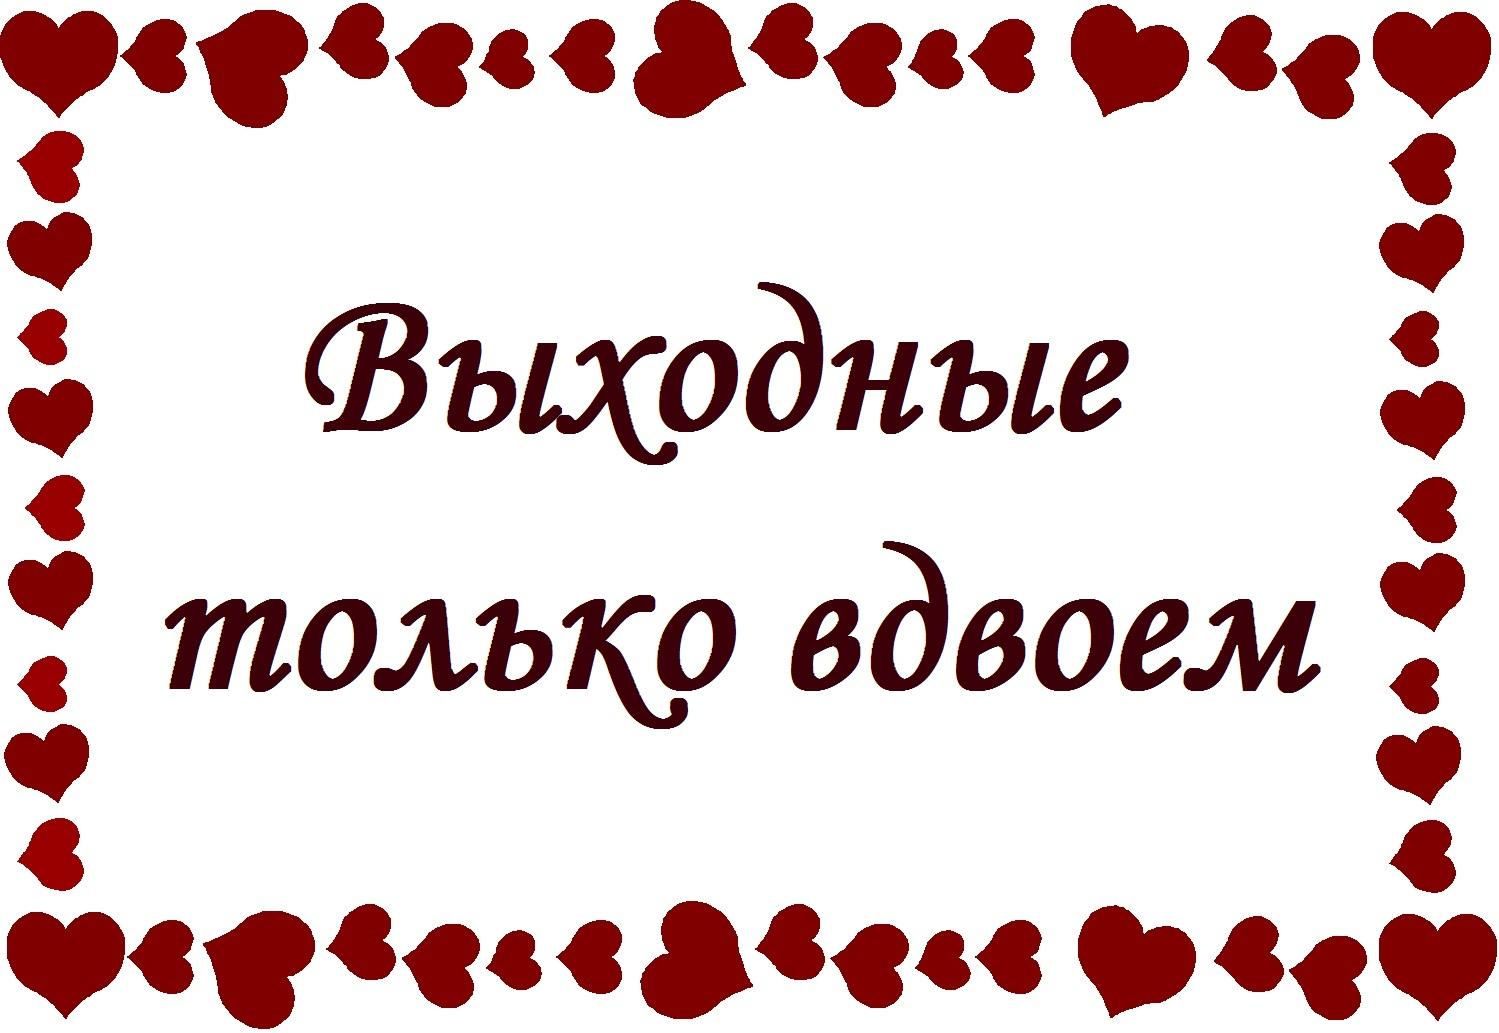 Любовные романтические картинки и рисунки - любовные картинки для любимой